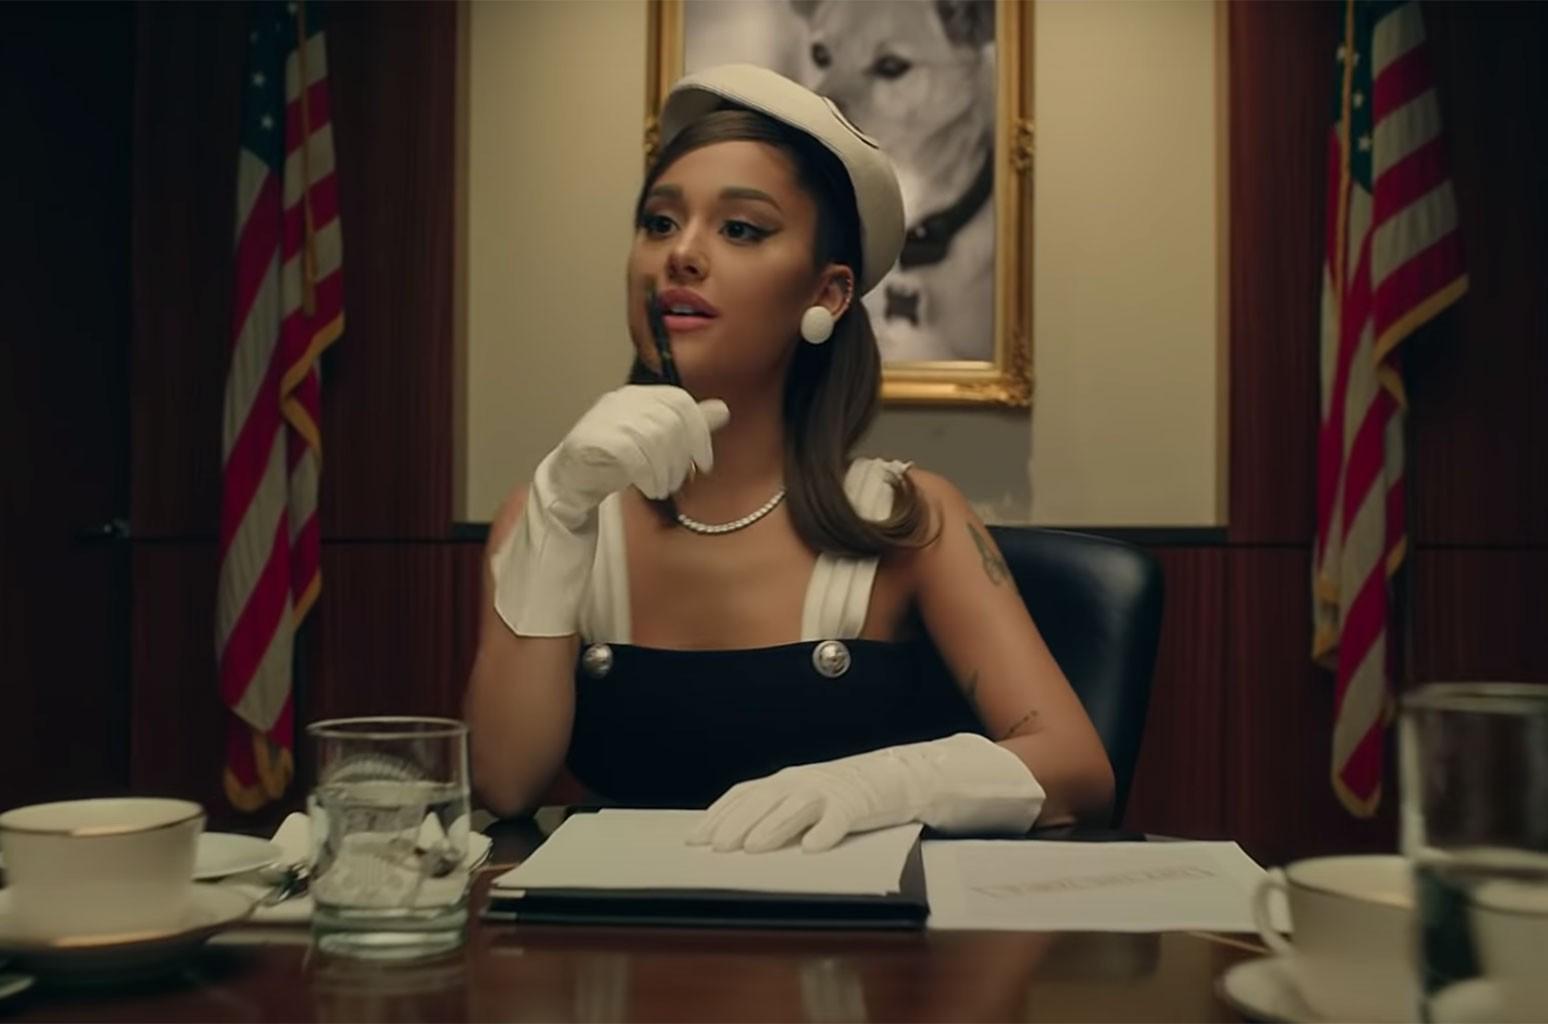 Ariana Grande(アリアナ・グランデ)のプロフィール・バイオグラフィーまとめ